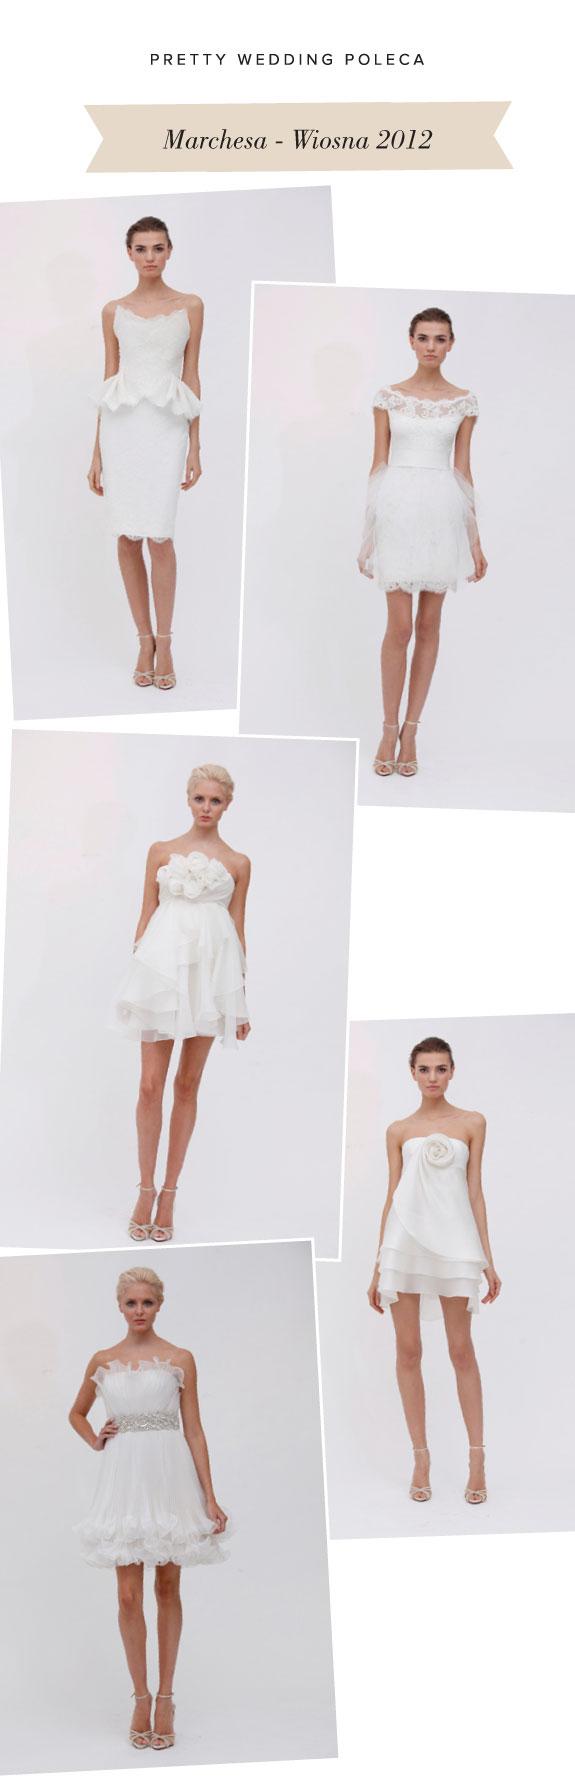 Kolekcja Sukien Ślubnych Na Lato - Marchesa 2012